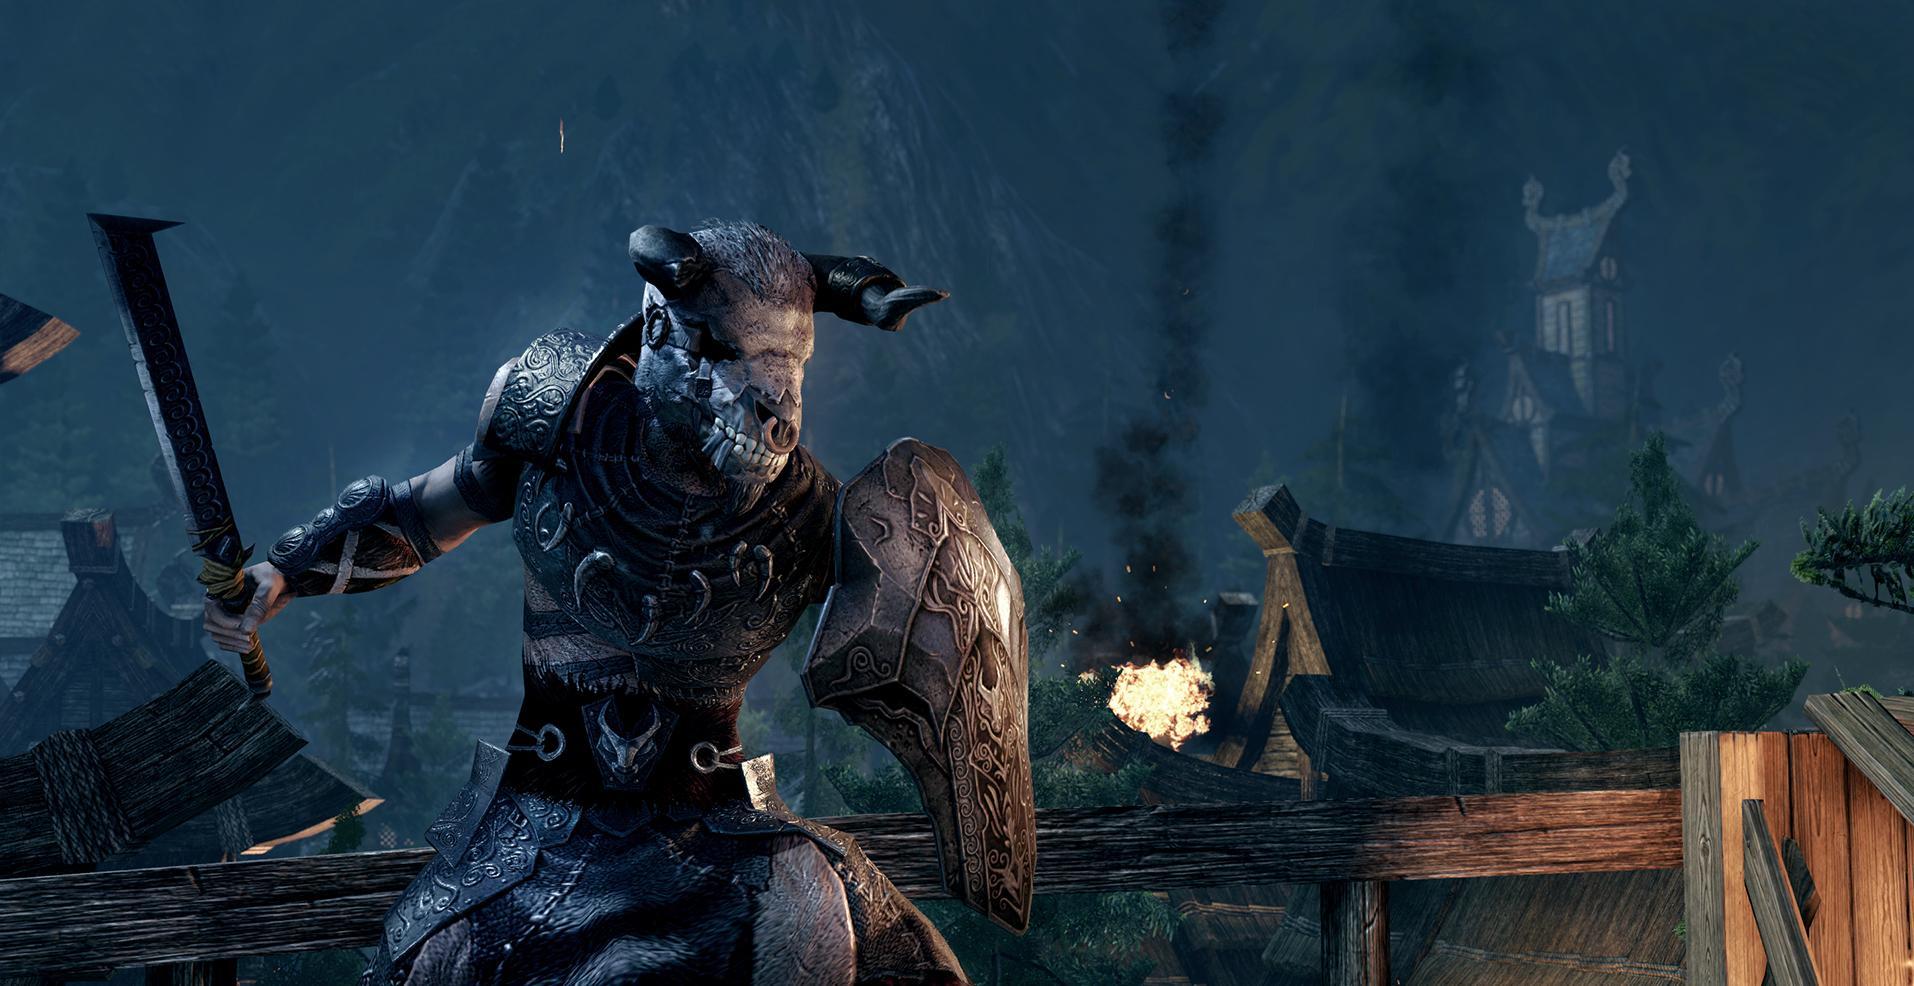 Next Elder Scrolls Online Update Detailed